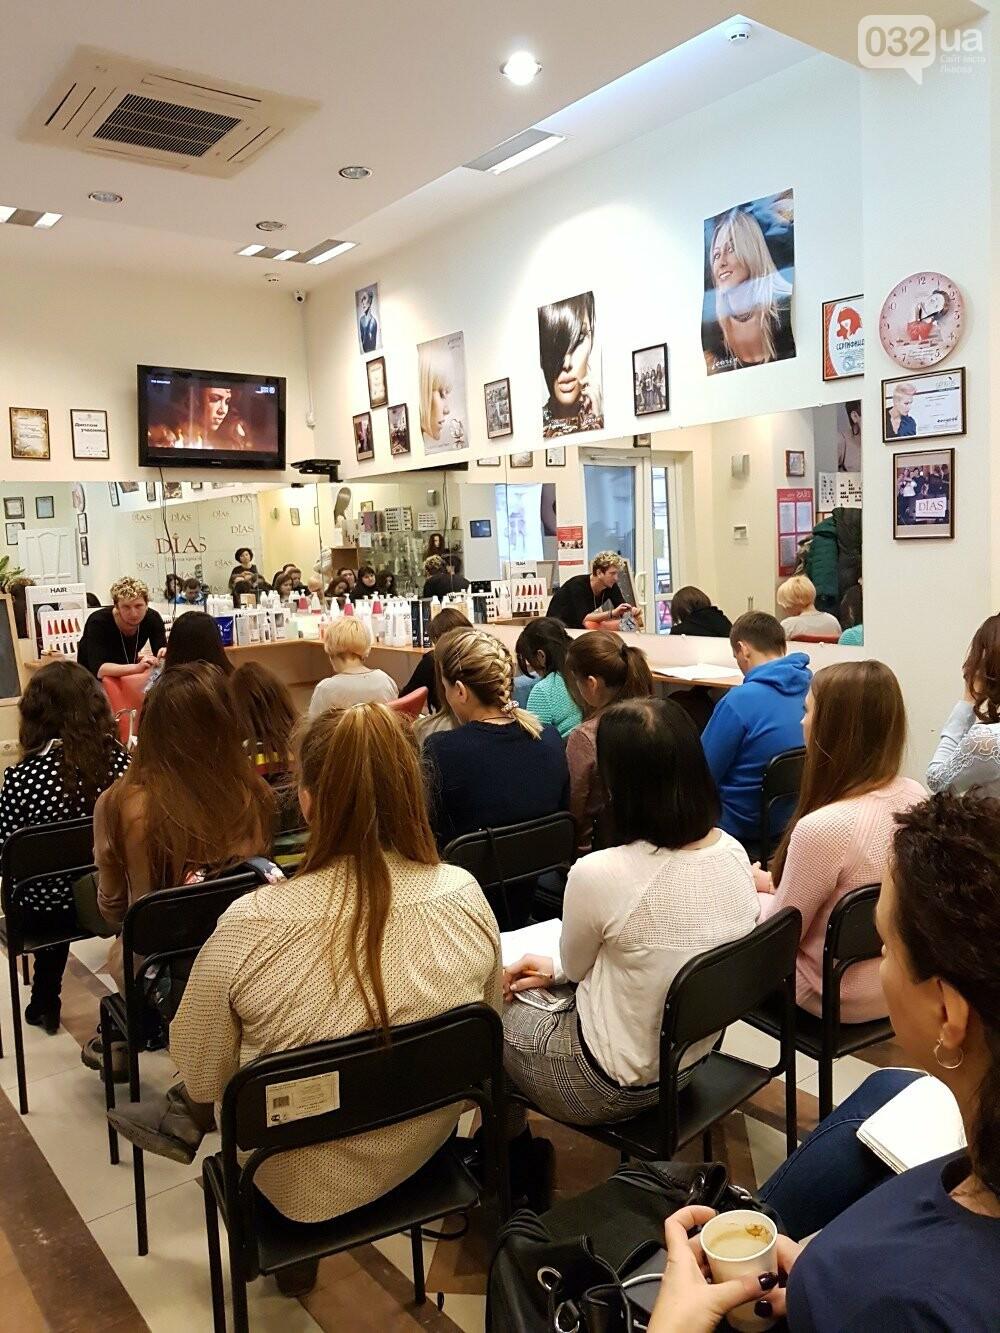 Нещодавно у Львові було відкрито ліцензовану школу краси та здоров'я., фото-4